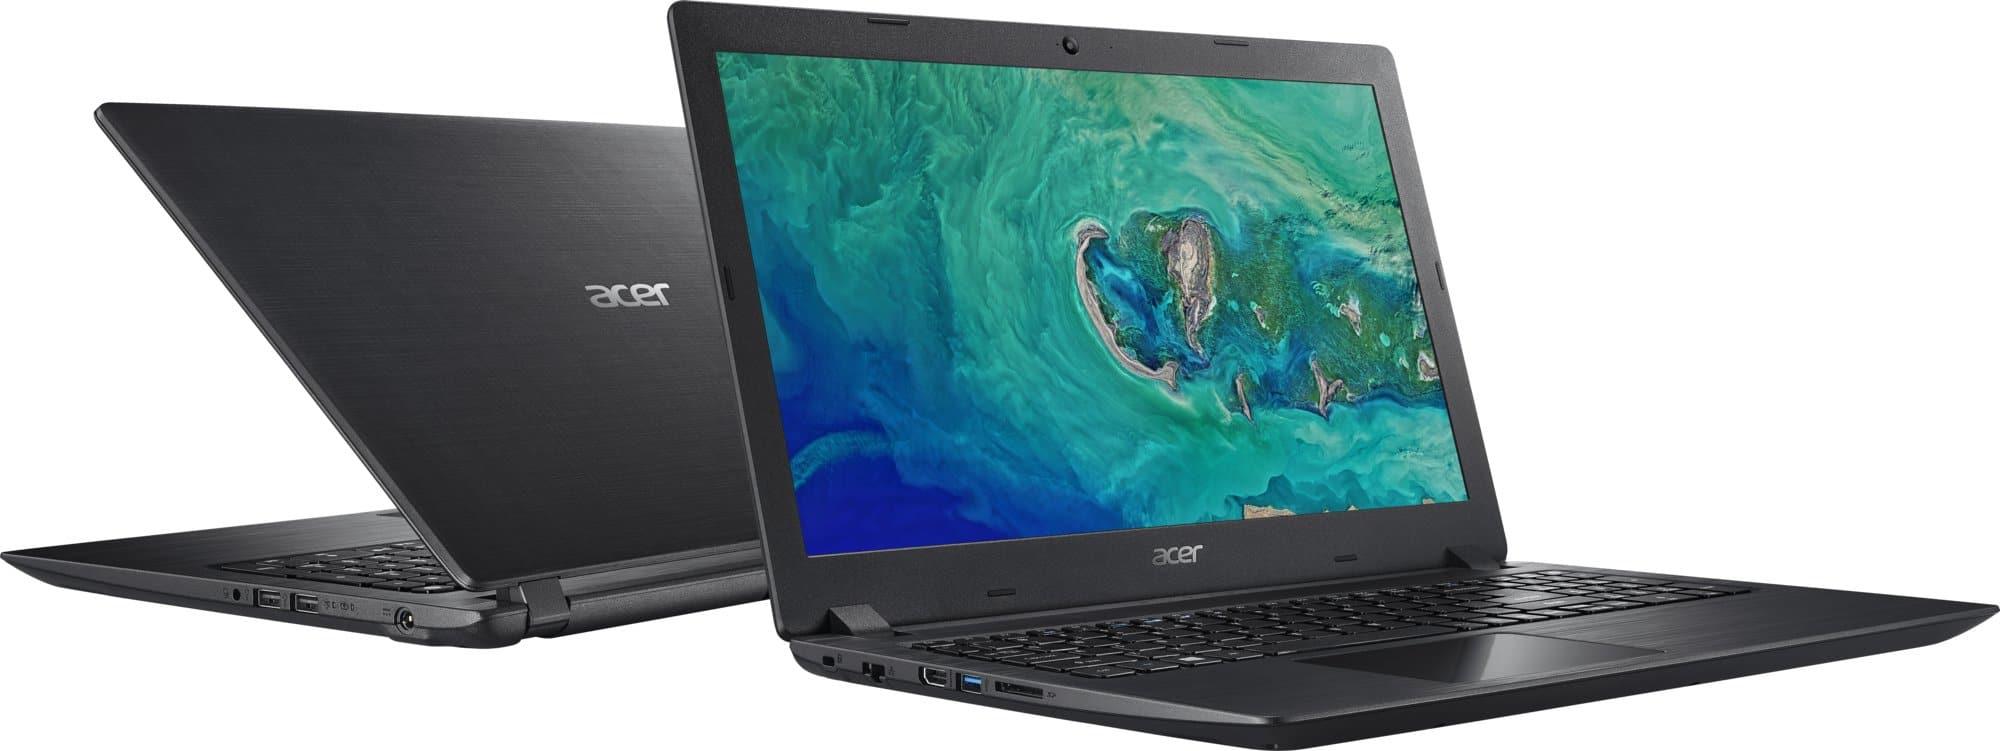 Revue de presse des tests publiés sur le Web (Acer Aspire 3 A315-41)